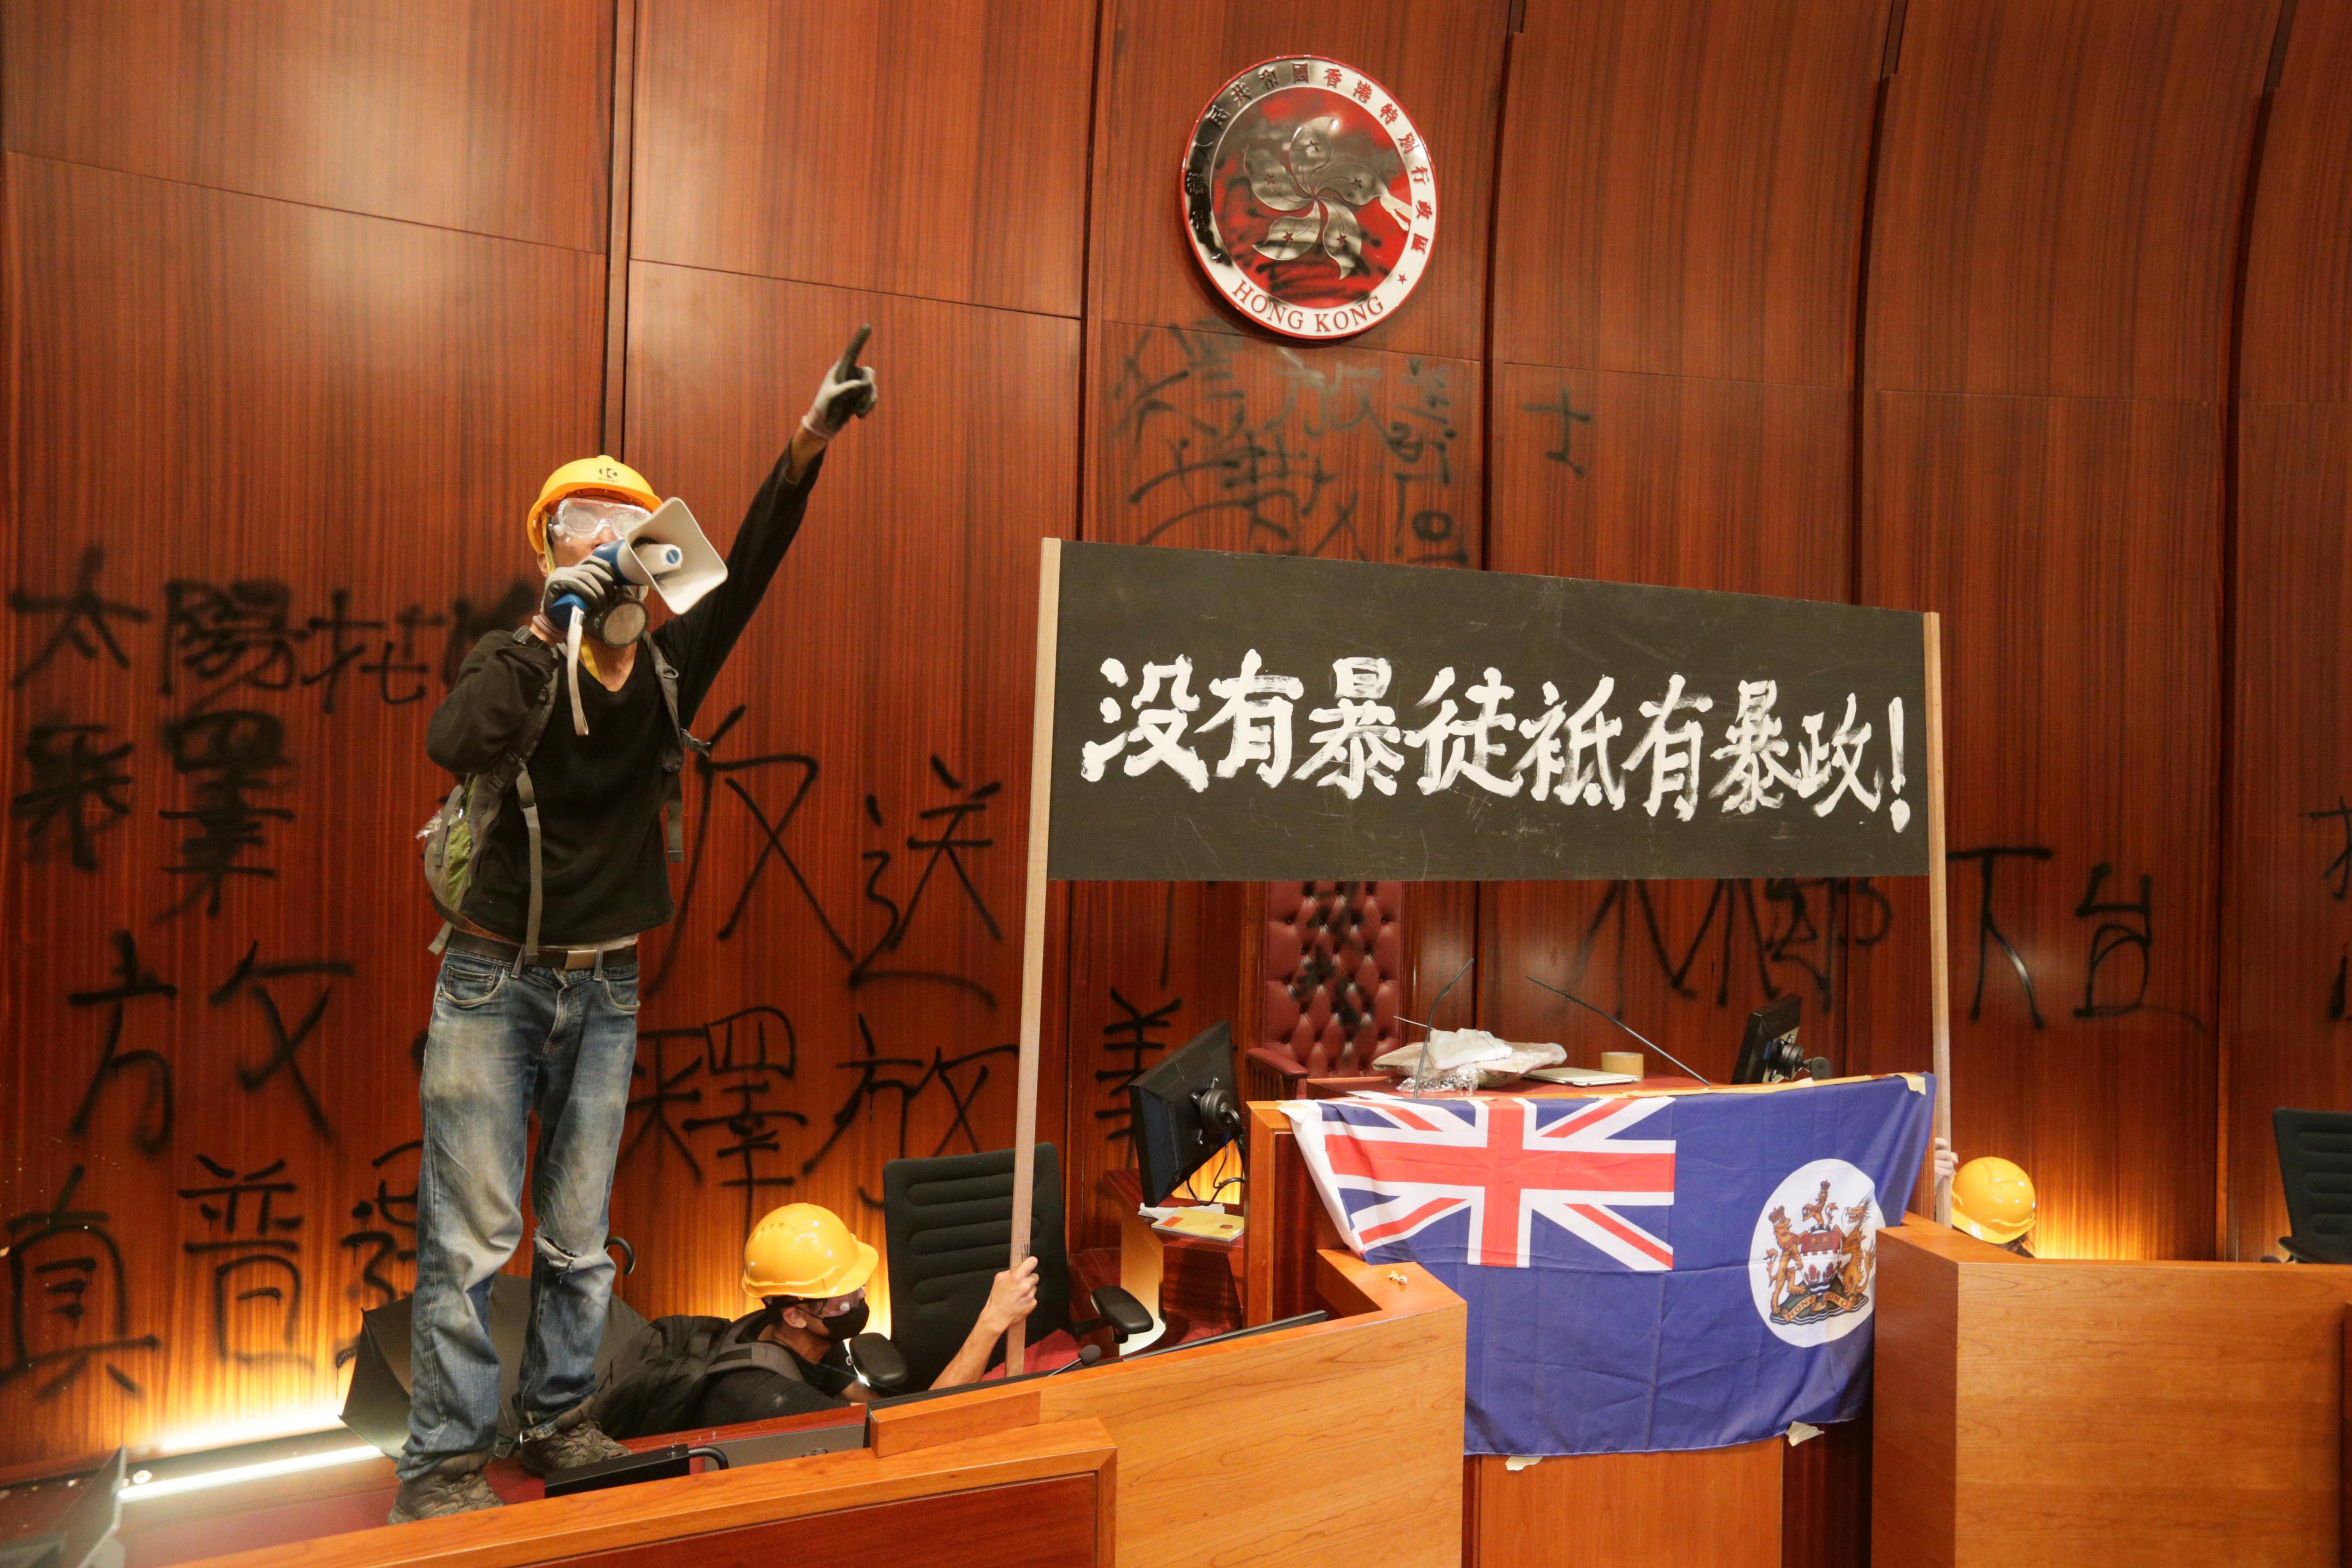 A rendőrség könnygázzal oszlatta szét a tüntetőket, akik behatoltak a hongkongi törvényhozás épületébe